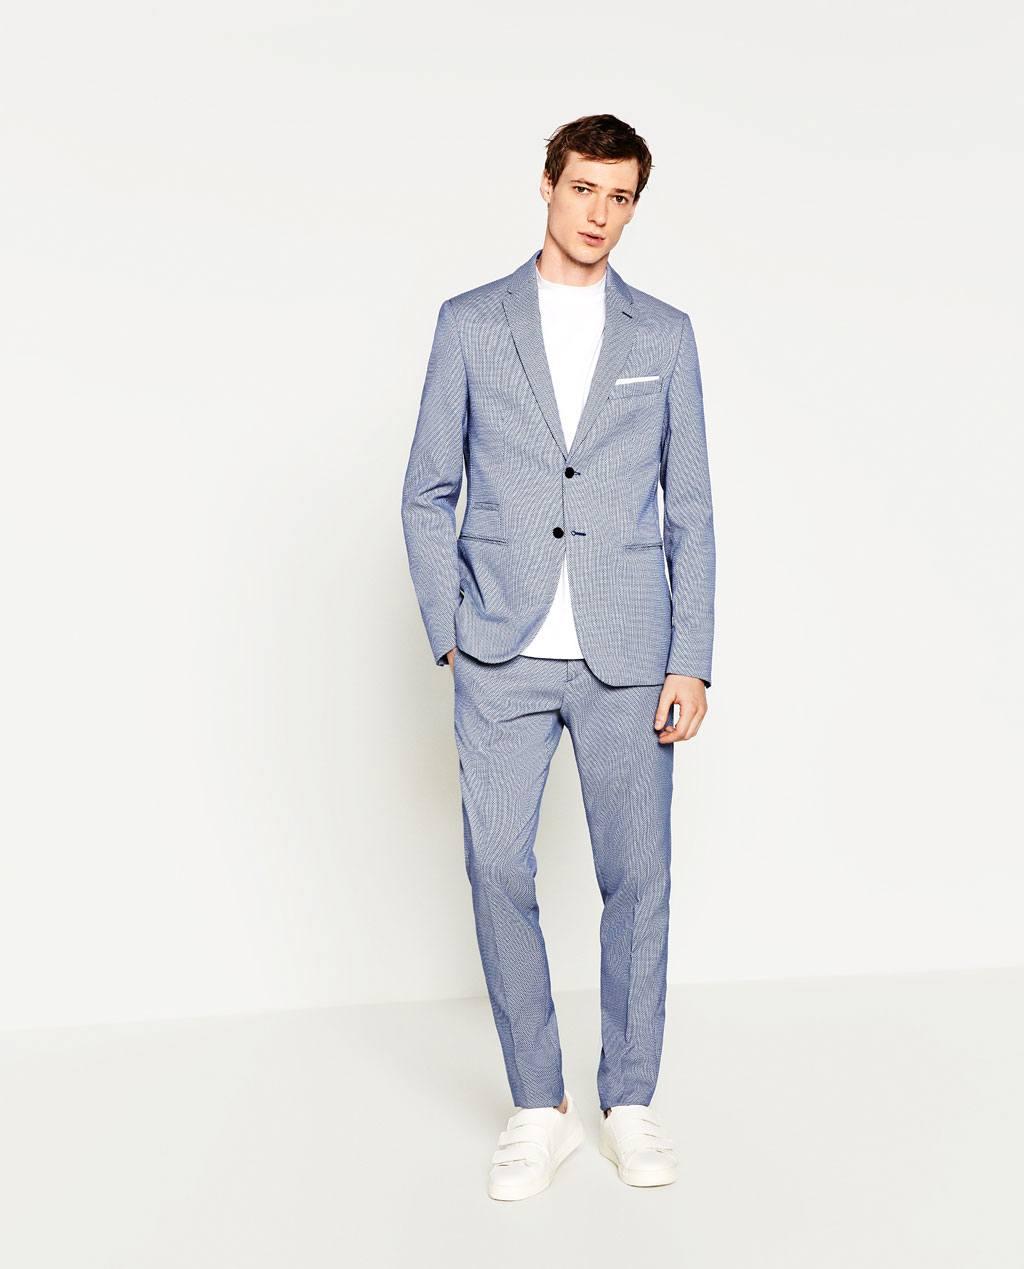 88b6fed0bcbe Trajes Zara para hombre Invierno 2020 - Modaellos.com